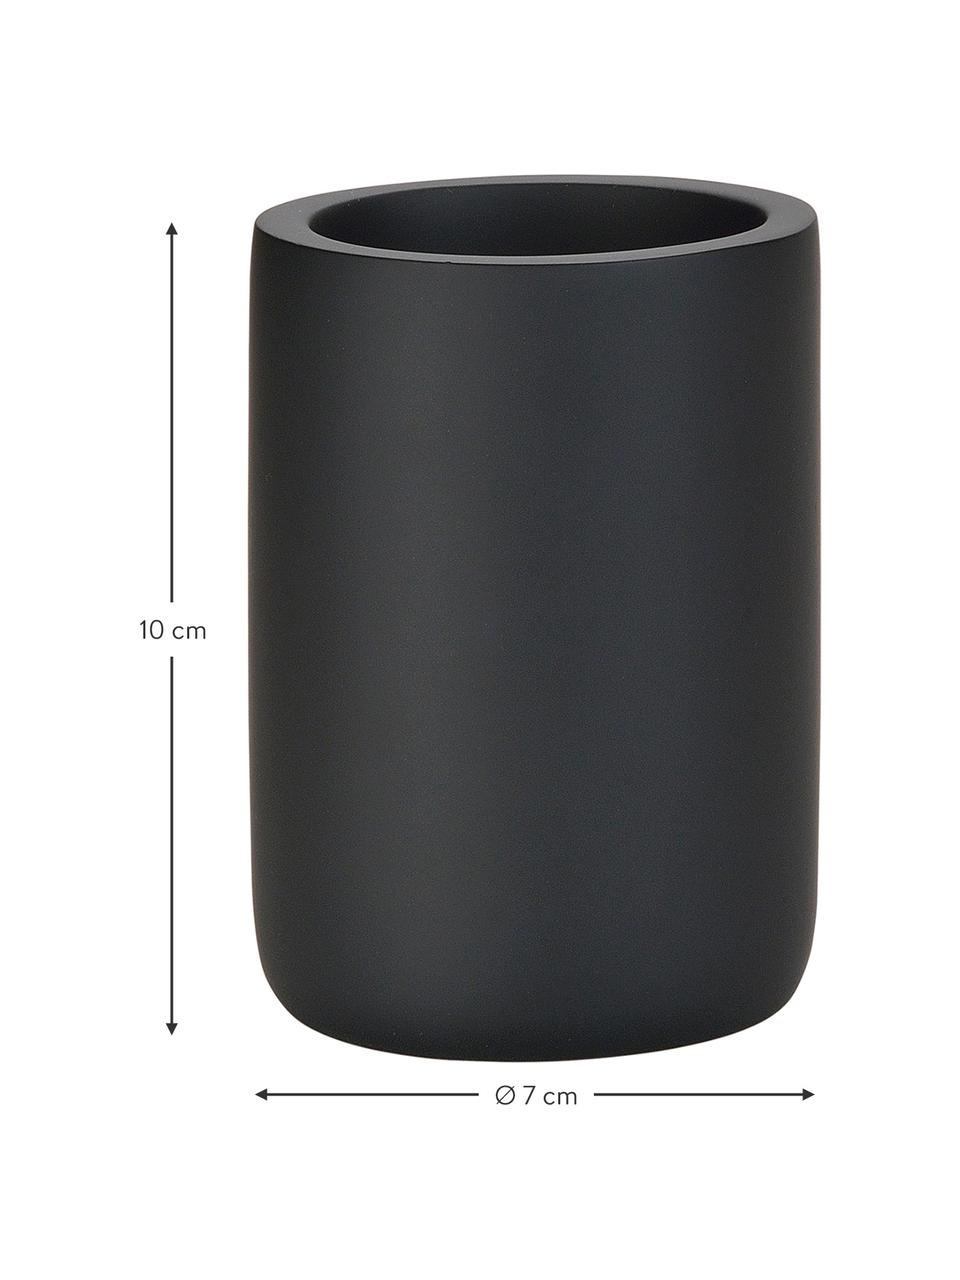 Zahnputzbecher Archway, Polyresin, Schwarz, Ø 7 x H 10 cm